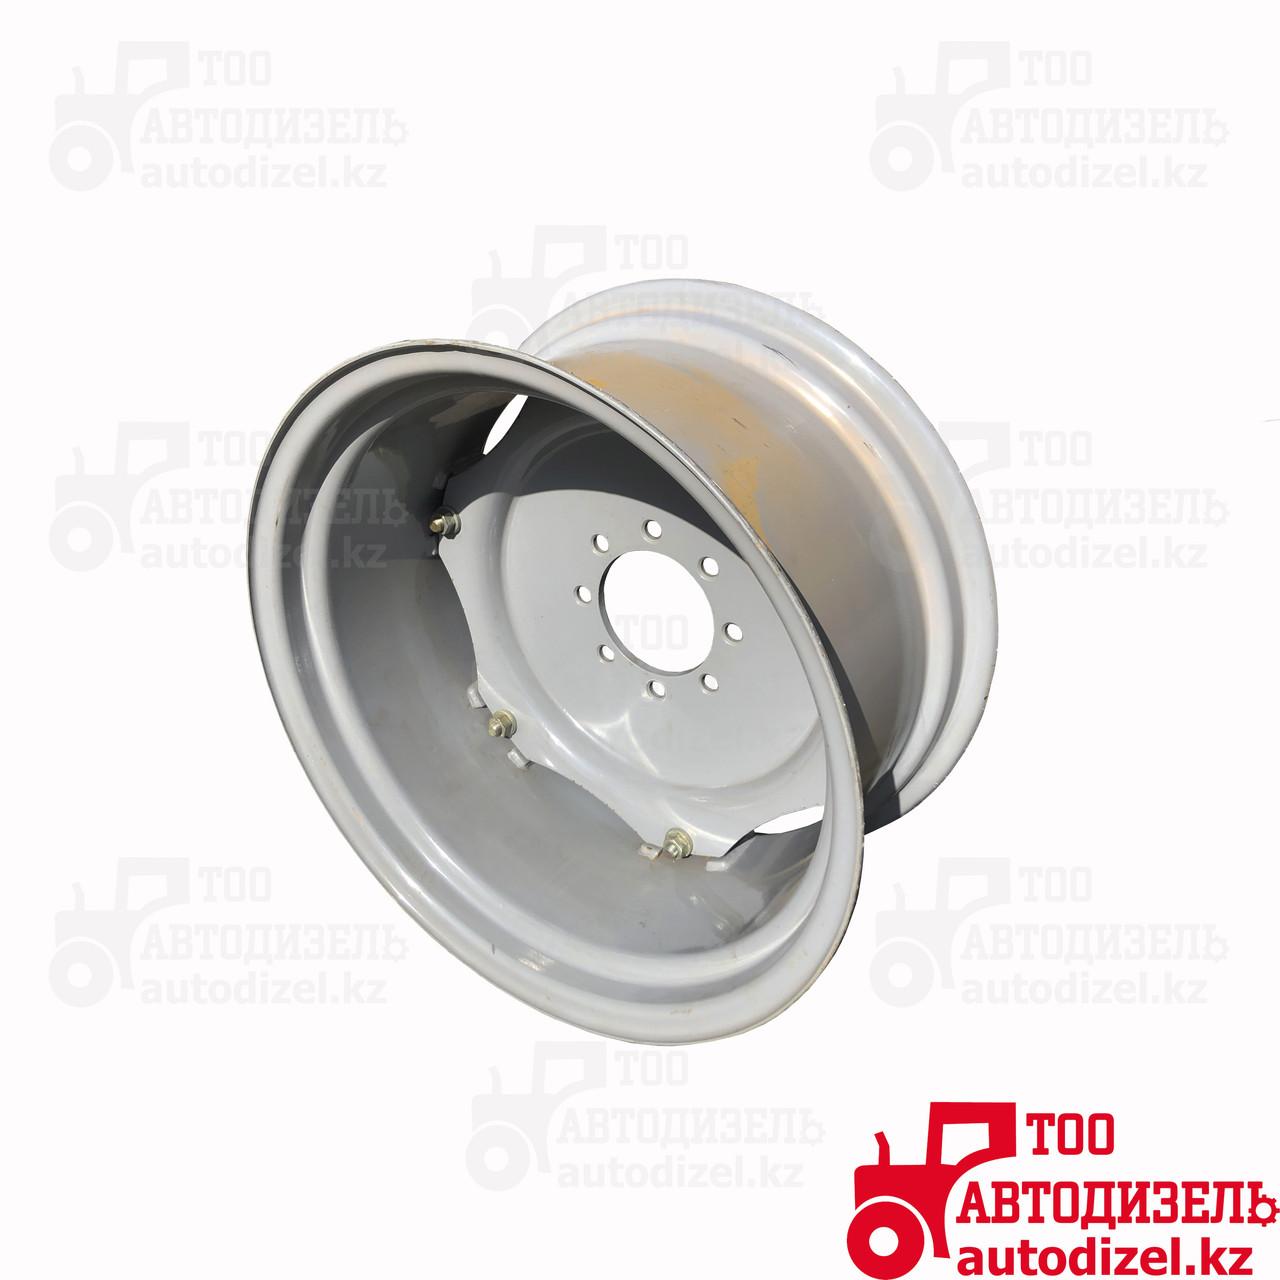 Диск колеса (обод) W 12-24-3101020-01 задний МТЗ-1221 (ширина W12*24)